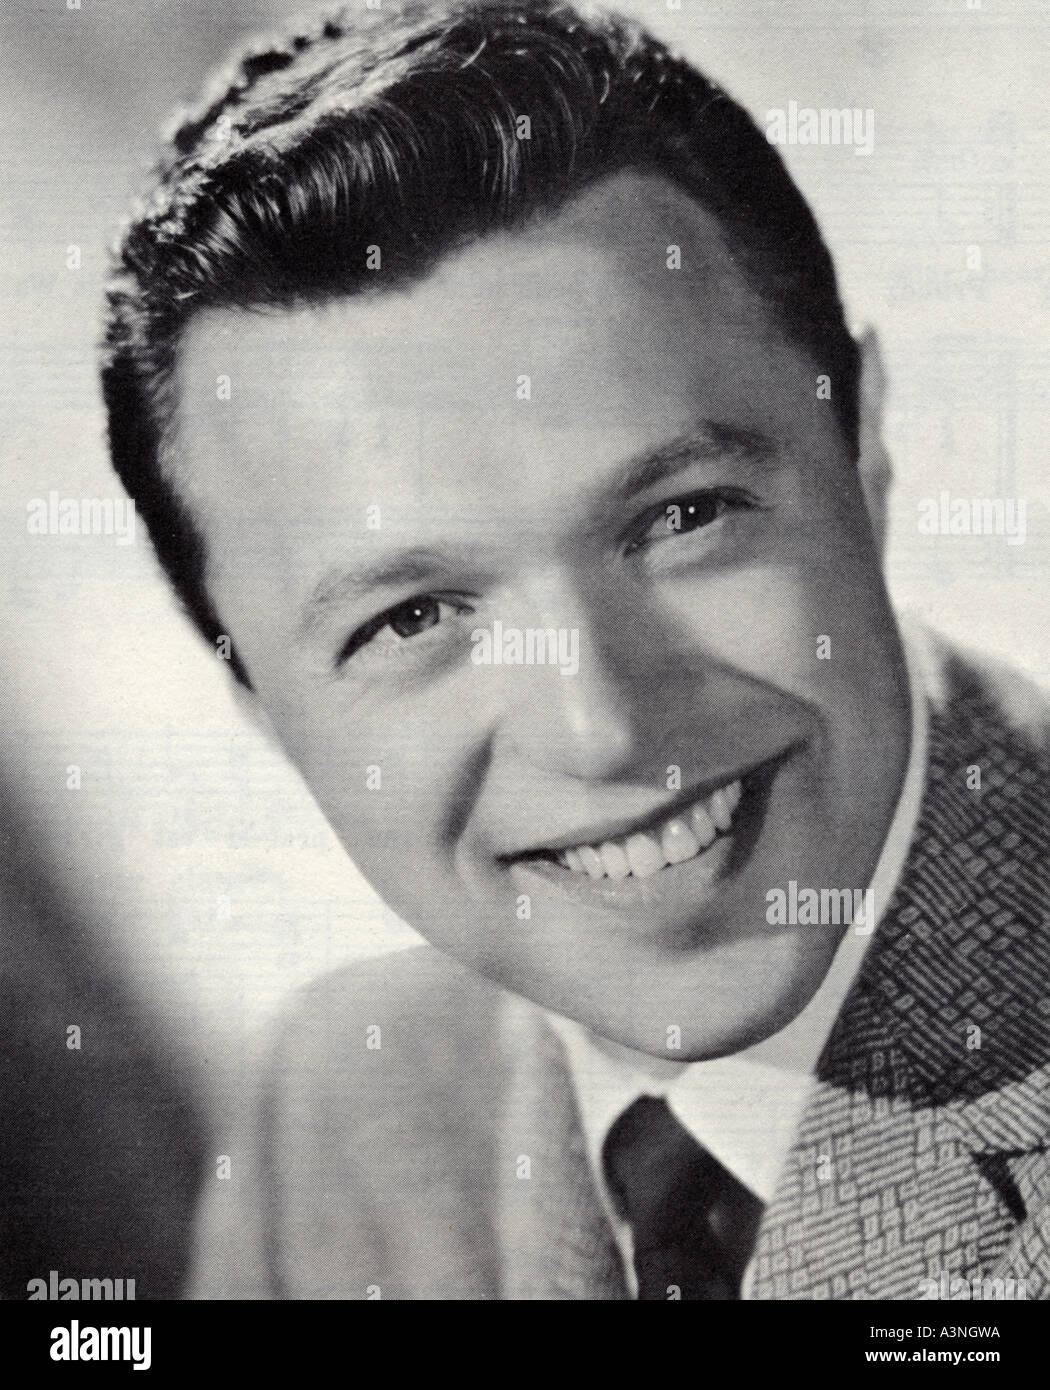 STEVE LAWRENCE  US singer in 1963 - Stock Image